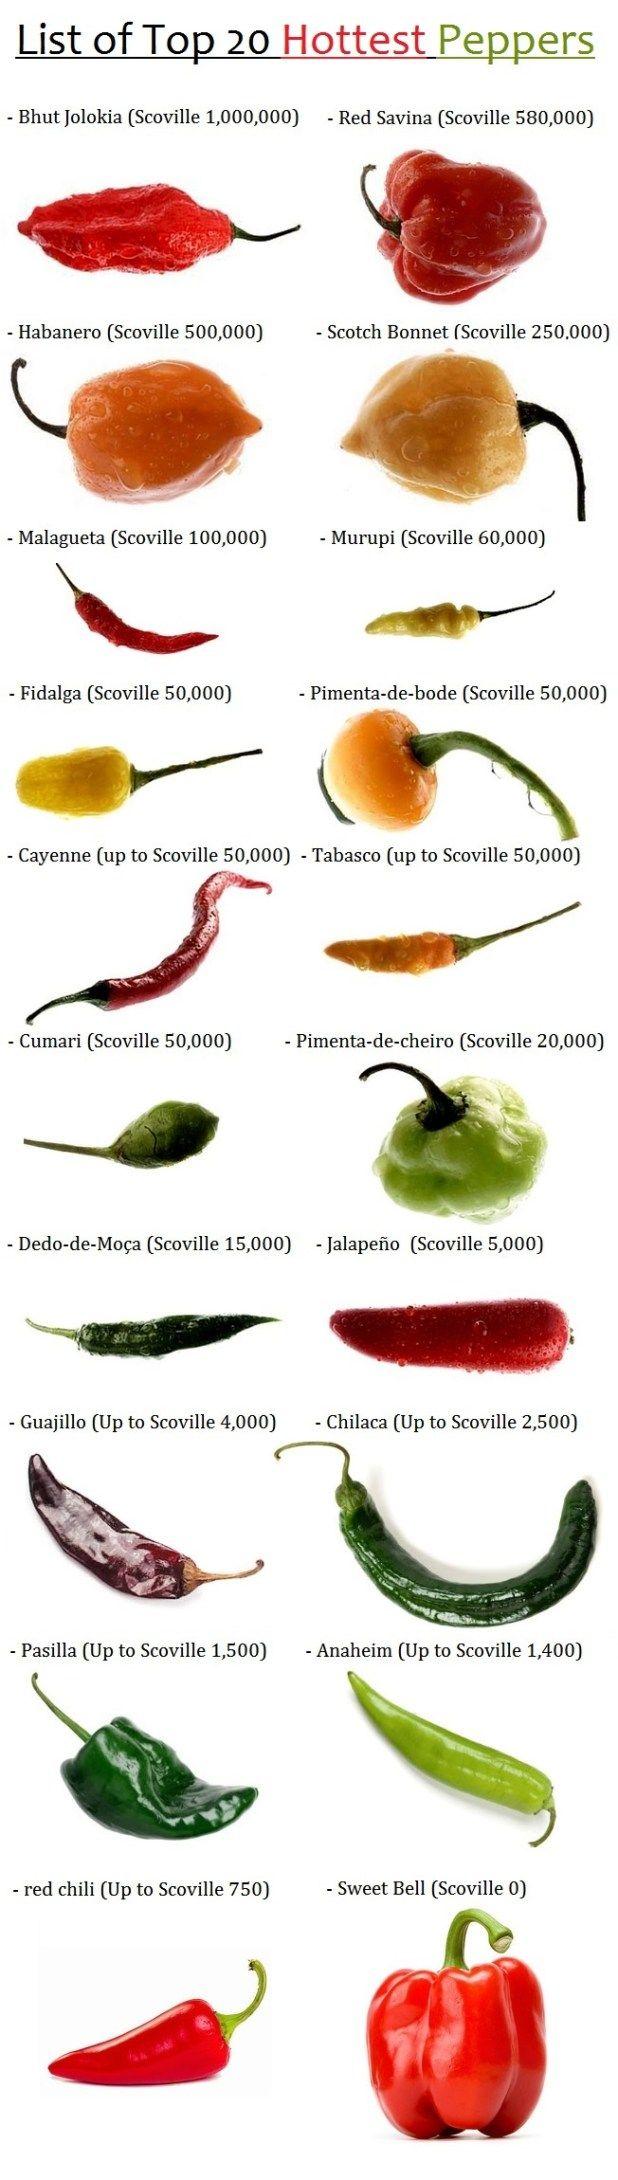 Peppers by Heat Scale : Bhut Jolokia (Scoville 1,000,000) Red Savina (up to Scoville 580,000) Habanero (Scoville 500,000) Scotch Bonnet (Scoville 250,000) Malagueta (Scoville 100,000) Murupi (Scoville 60,000) Fidalga (Scoville 50,000) Pimenta-de-bode (Scoville 50,000) Cayenne (up to Scoville 50,000) Tabasco (up to Scoville 50,000) Cumari (up to Scoville 50,000) Pimenta-de-cheiro (Scoville 20,000) Dedo-de-Moça (Scoville 15,000) ...